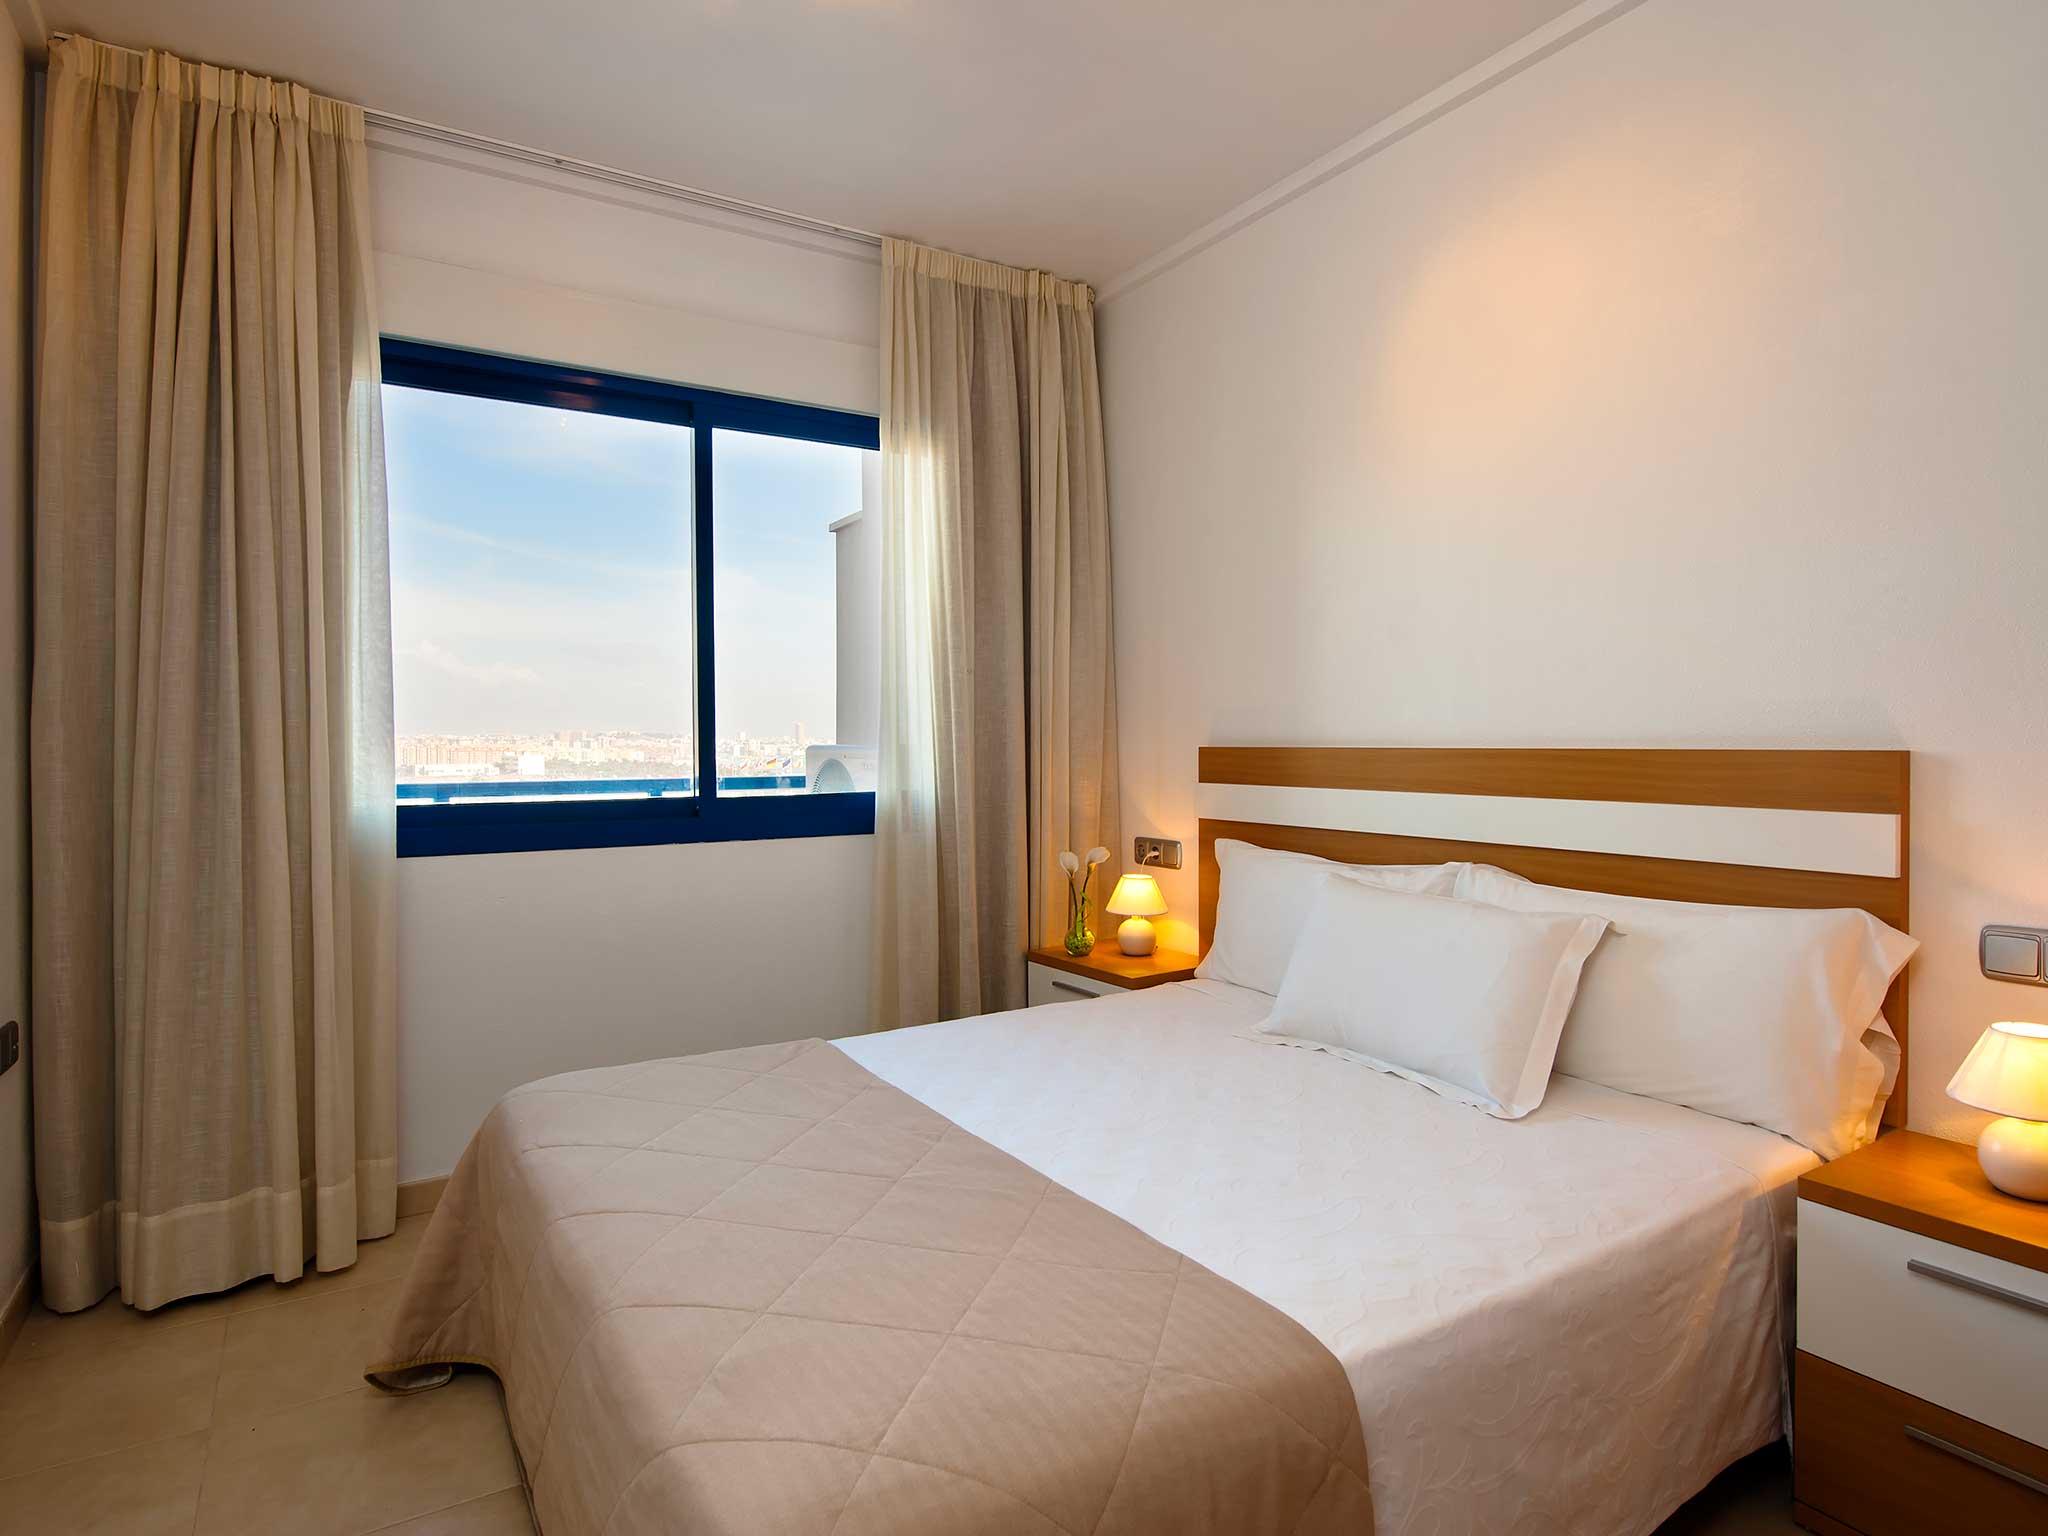 EXE ALICANTE HILLS - Hotel cerca del Aeropuerto de Alicante El Altet